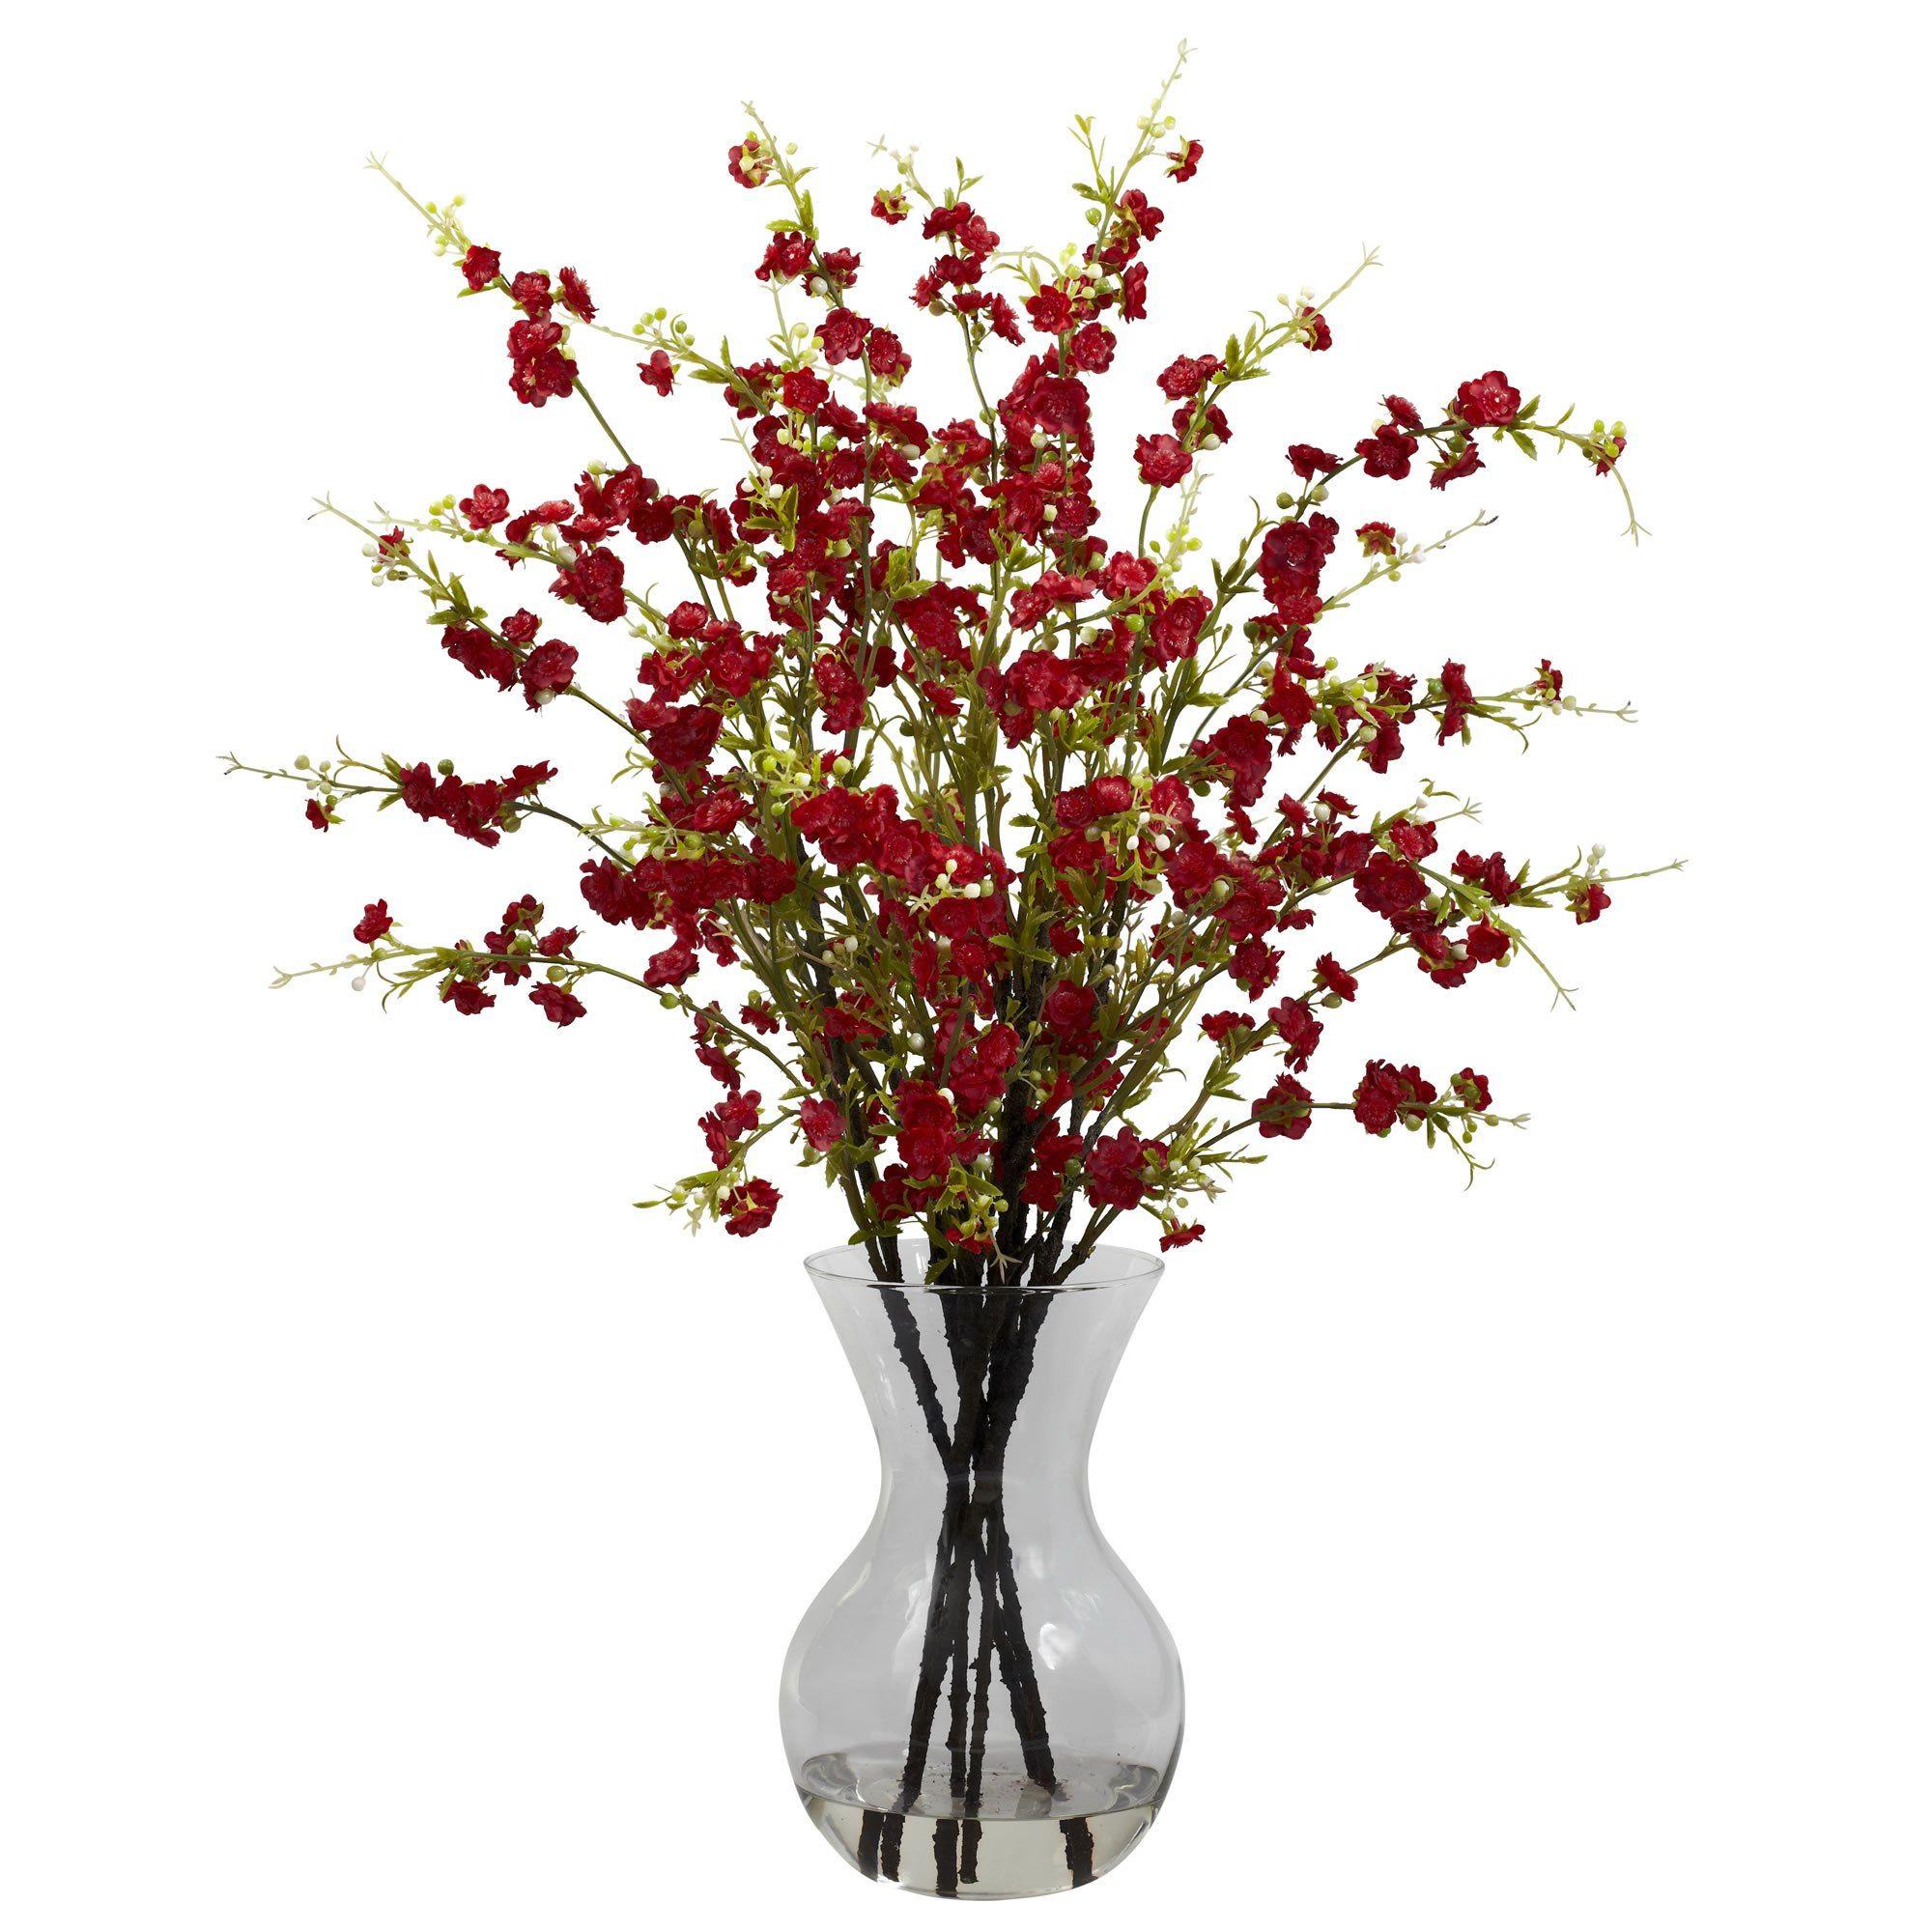 Artificial Cherry Blossoms W Vase Arrangement Cherry Blossom Vase Vase Arrangements Silk Flower Arrangements